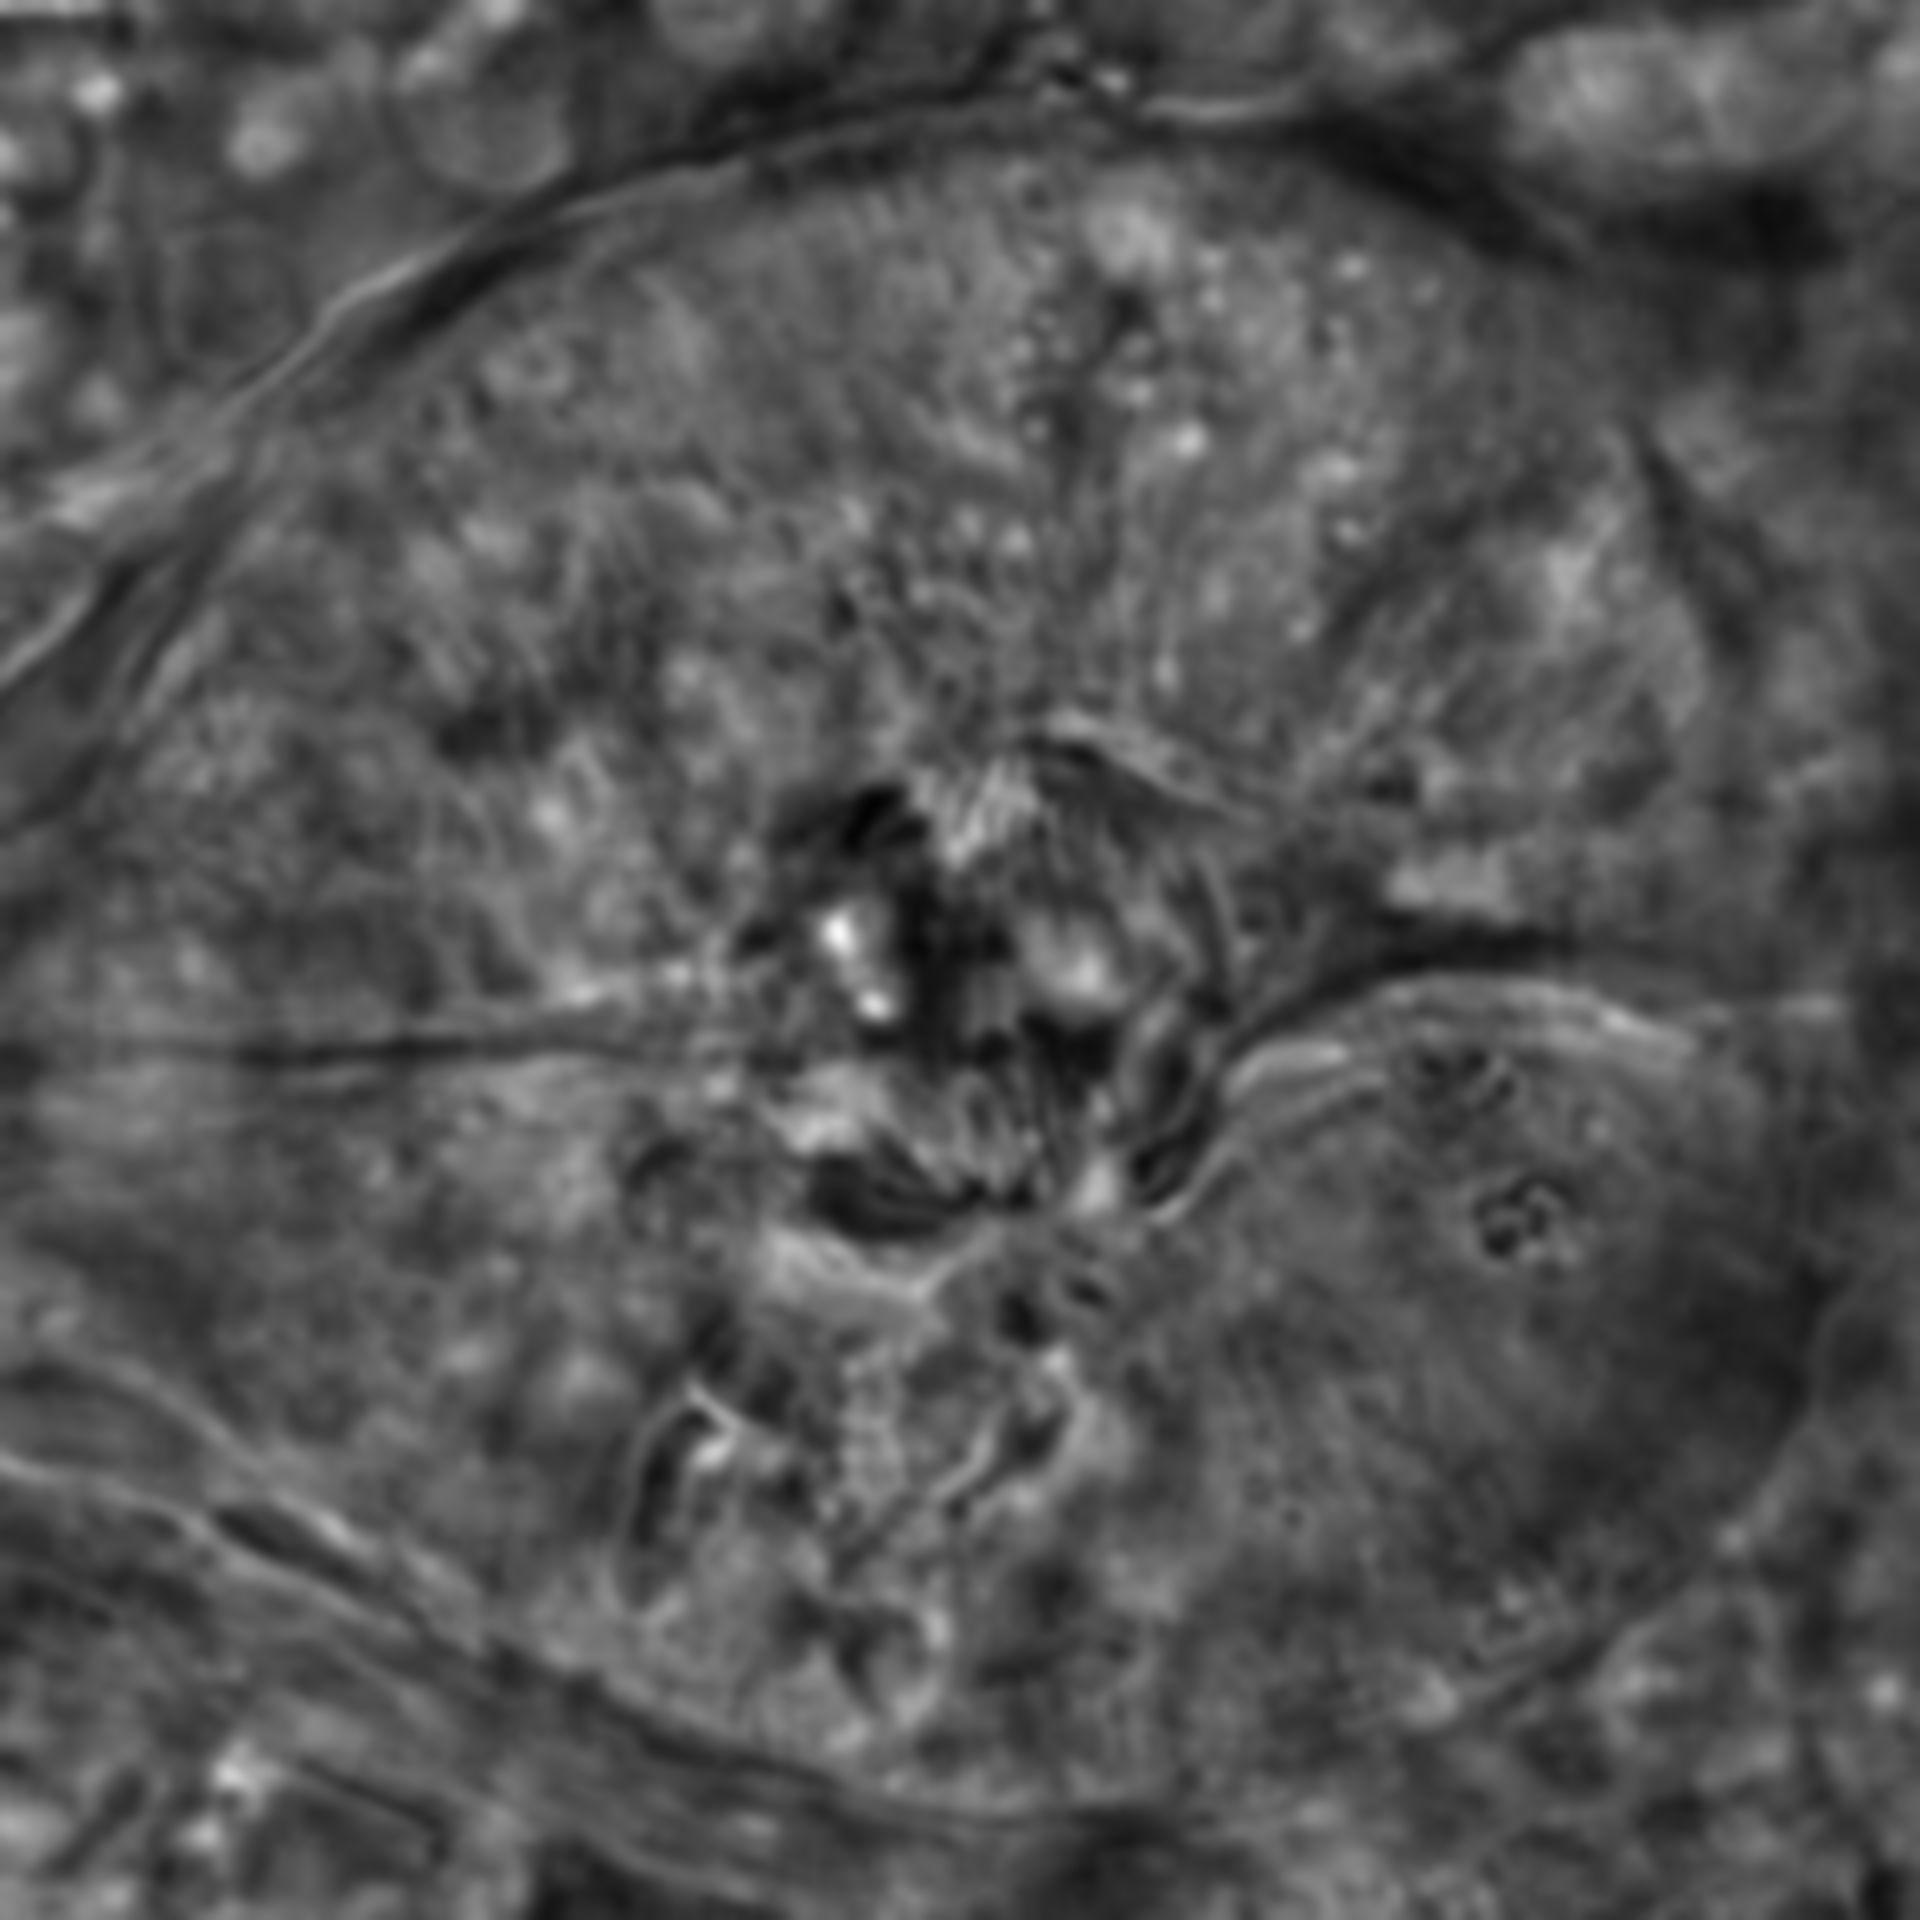 Caenorhabditis elegans - CIL:2636